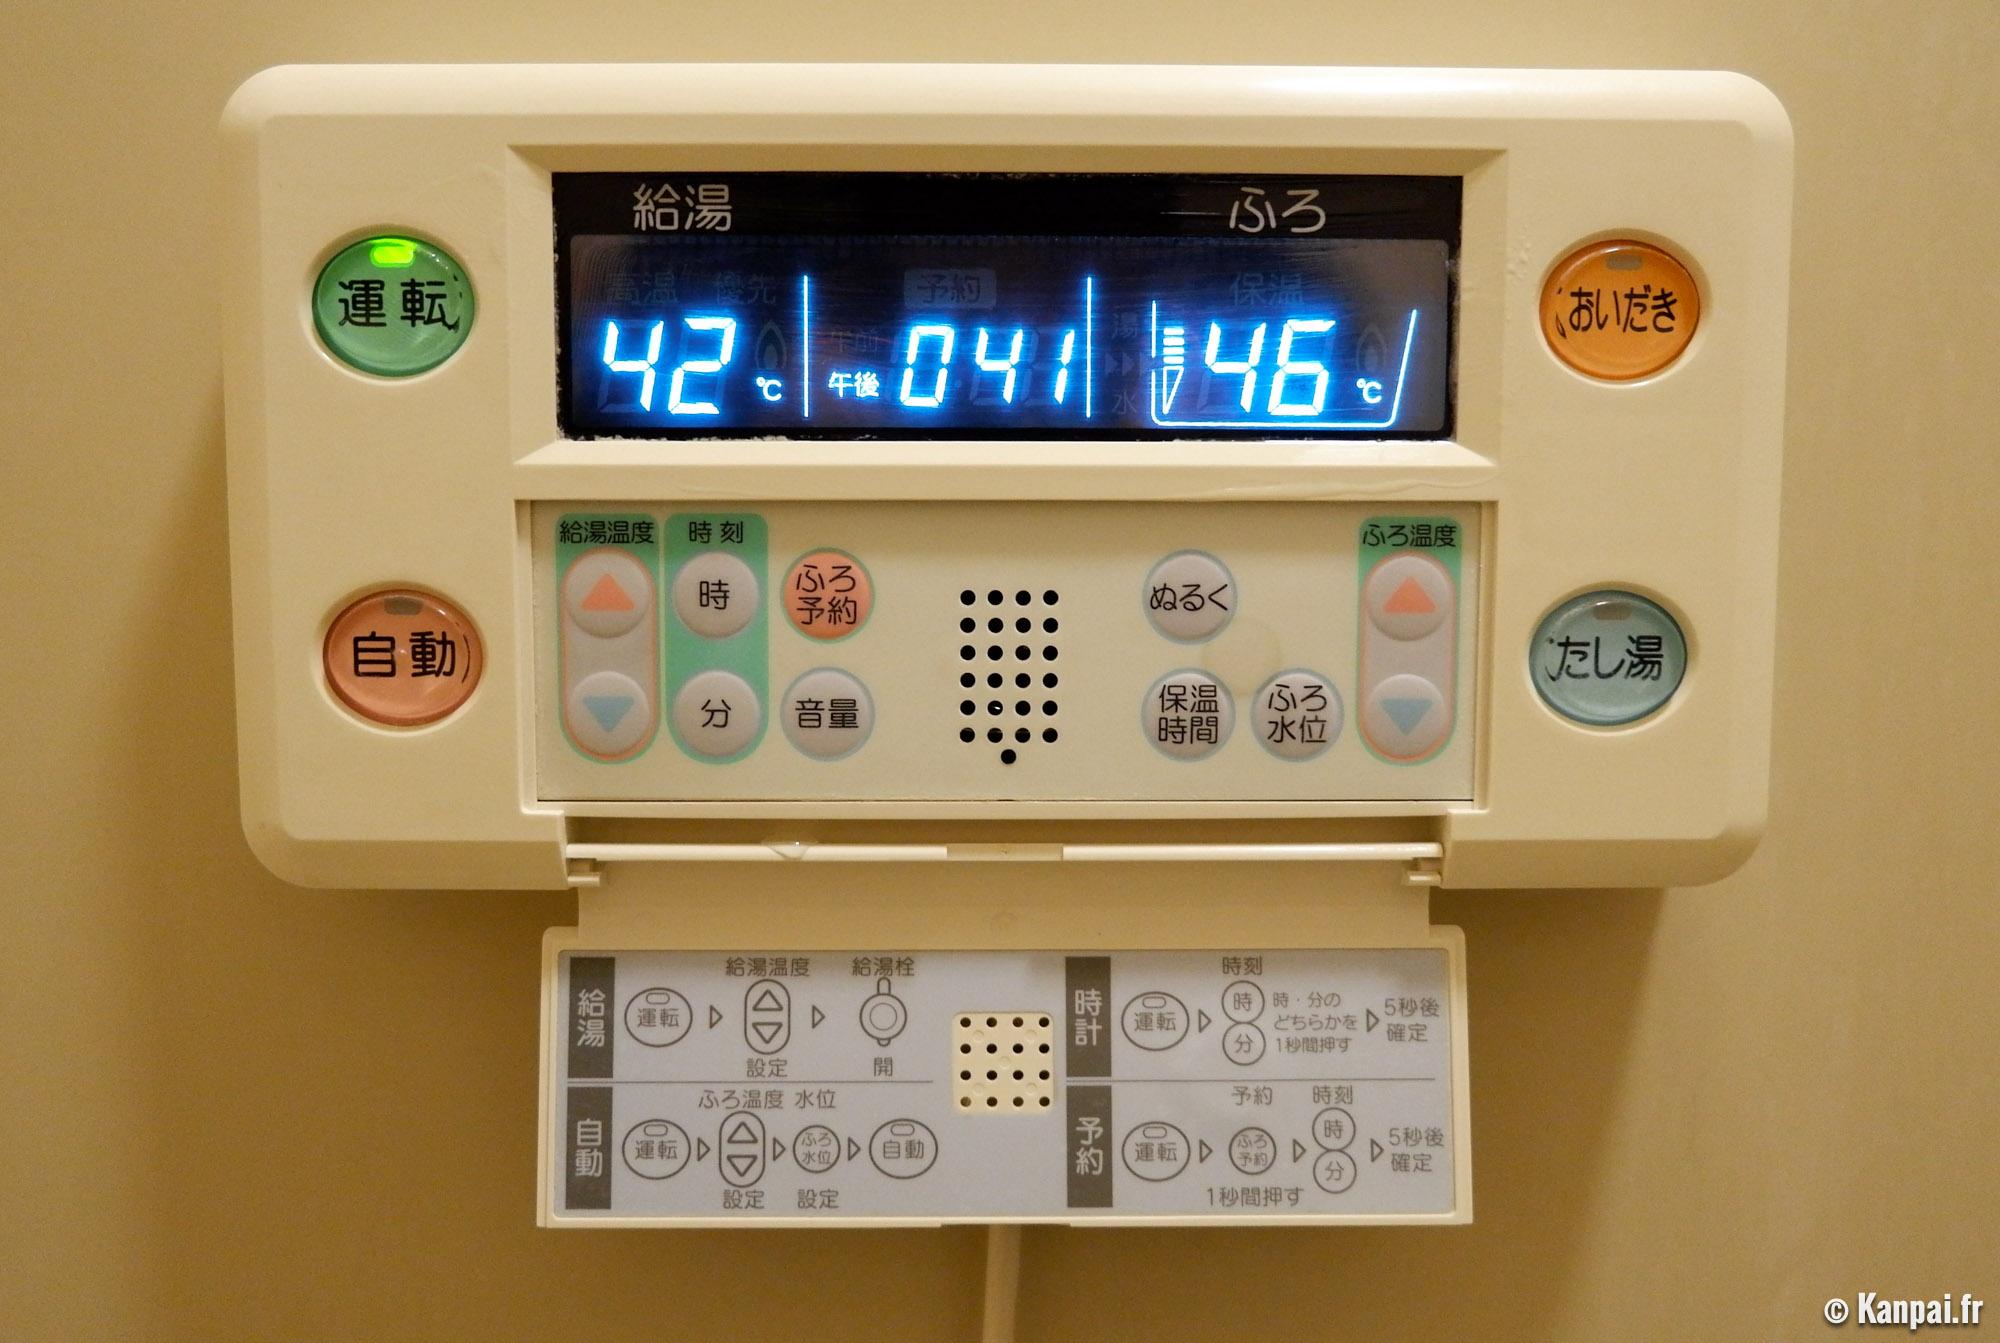 Guide de la salle de bains japonaise